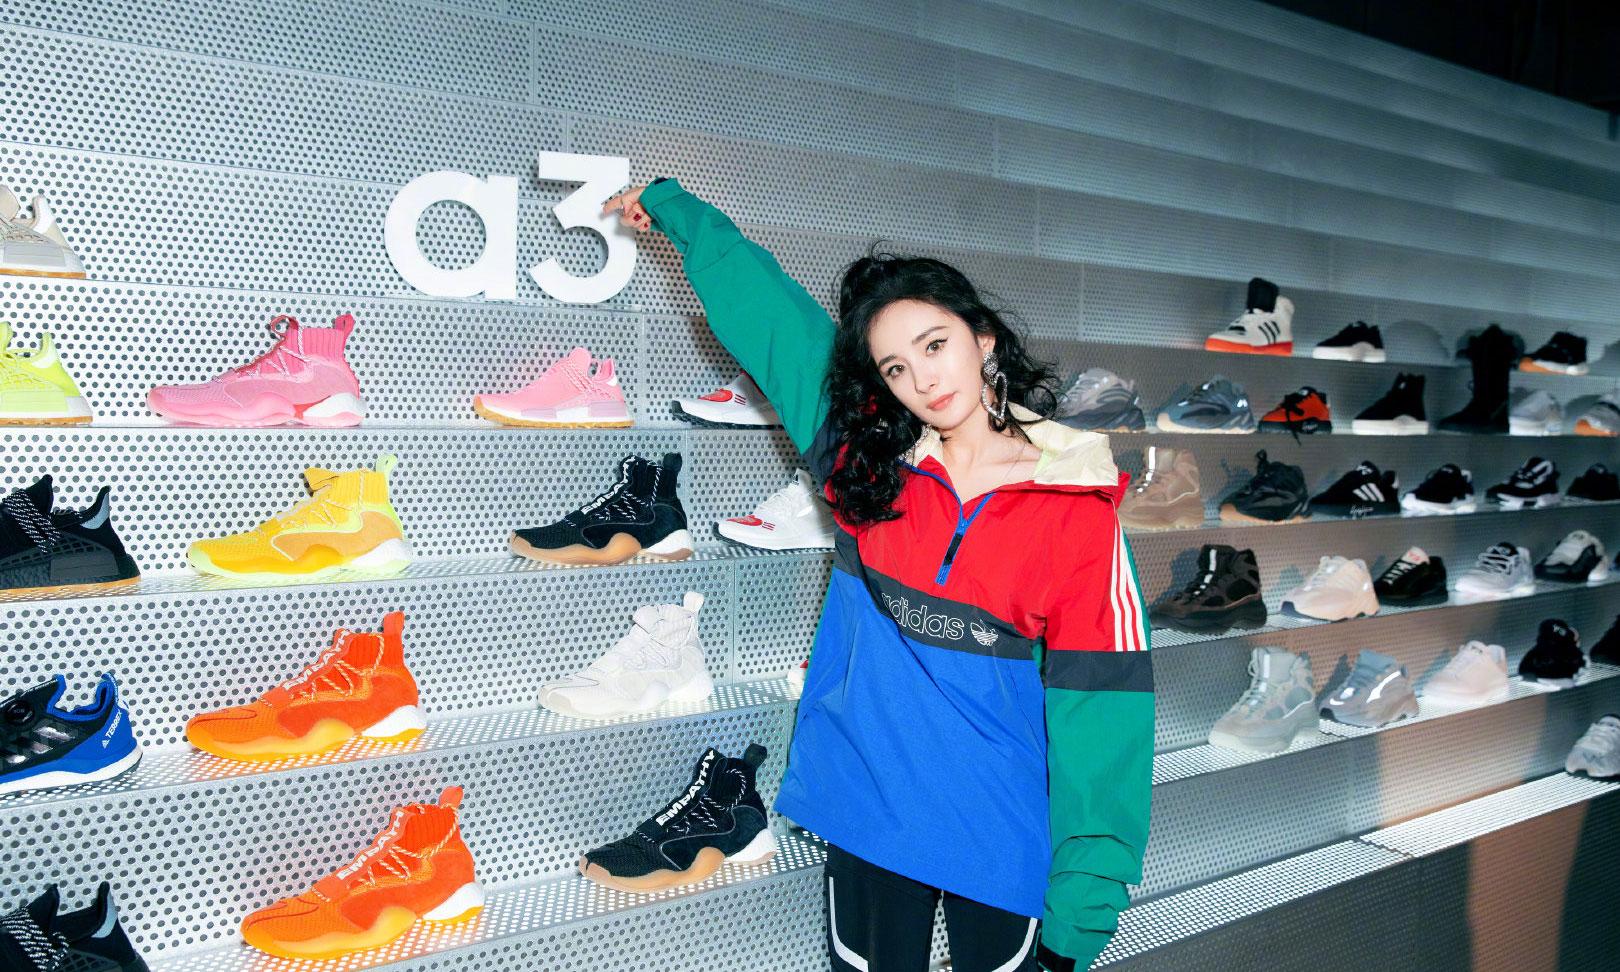 adidas 首家 a3 store 集结高端时尚,入驻北京三里屯